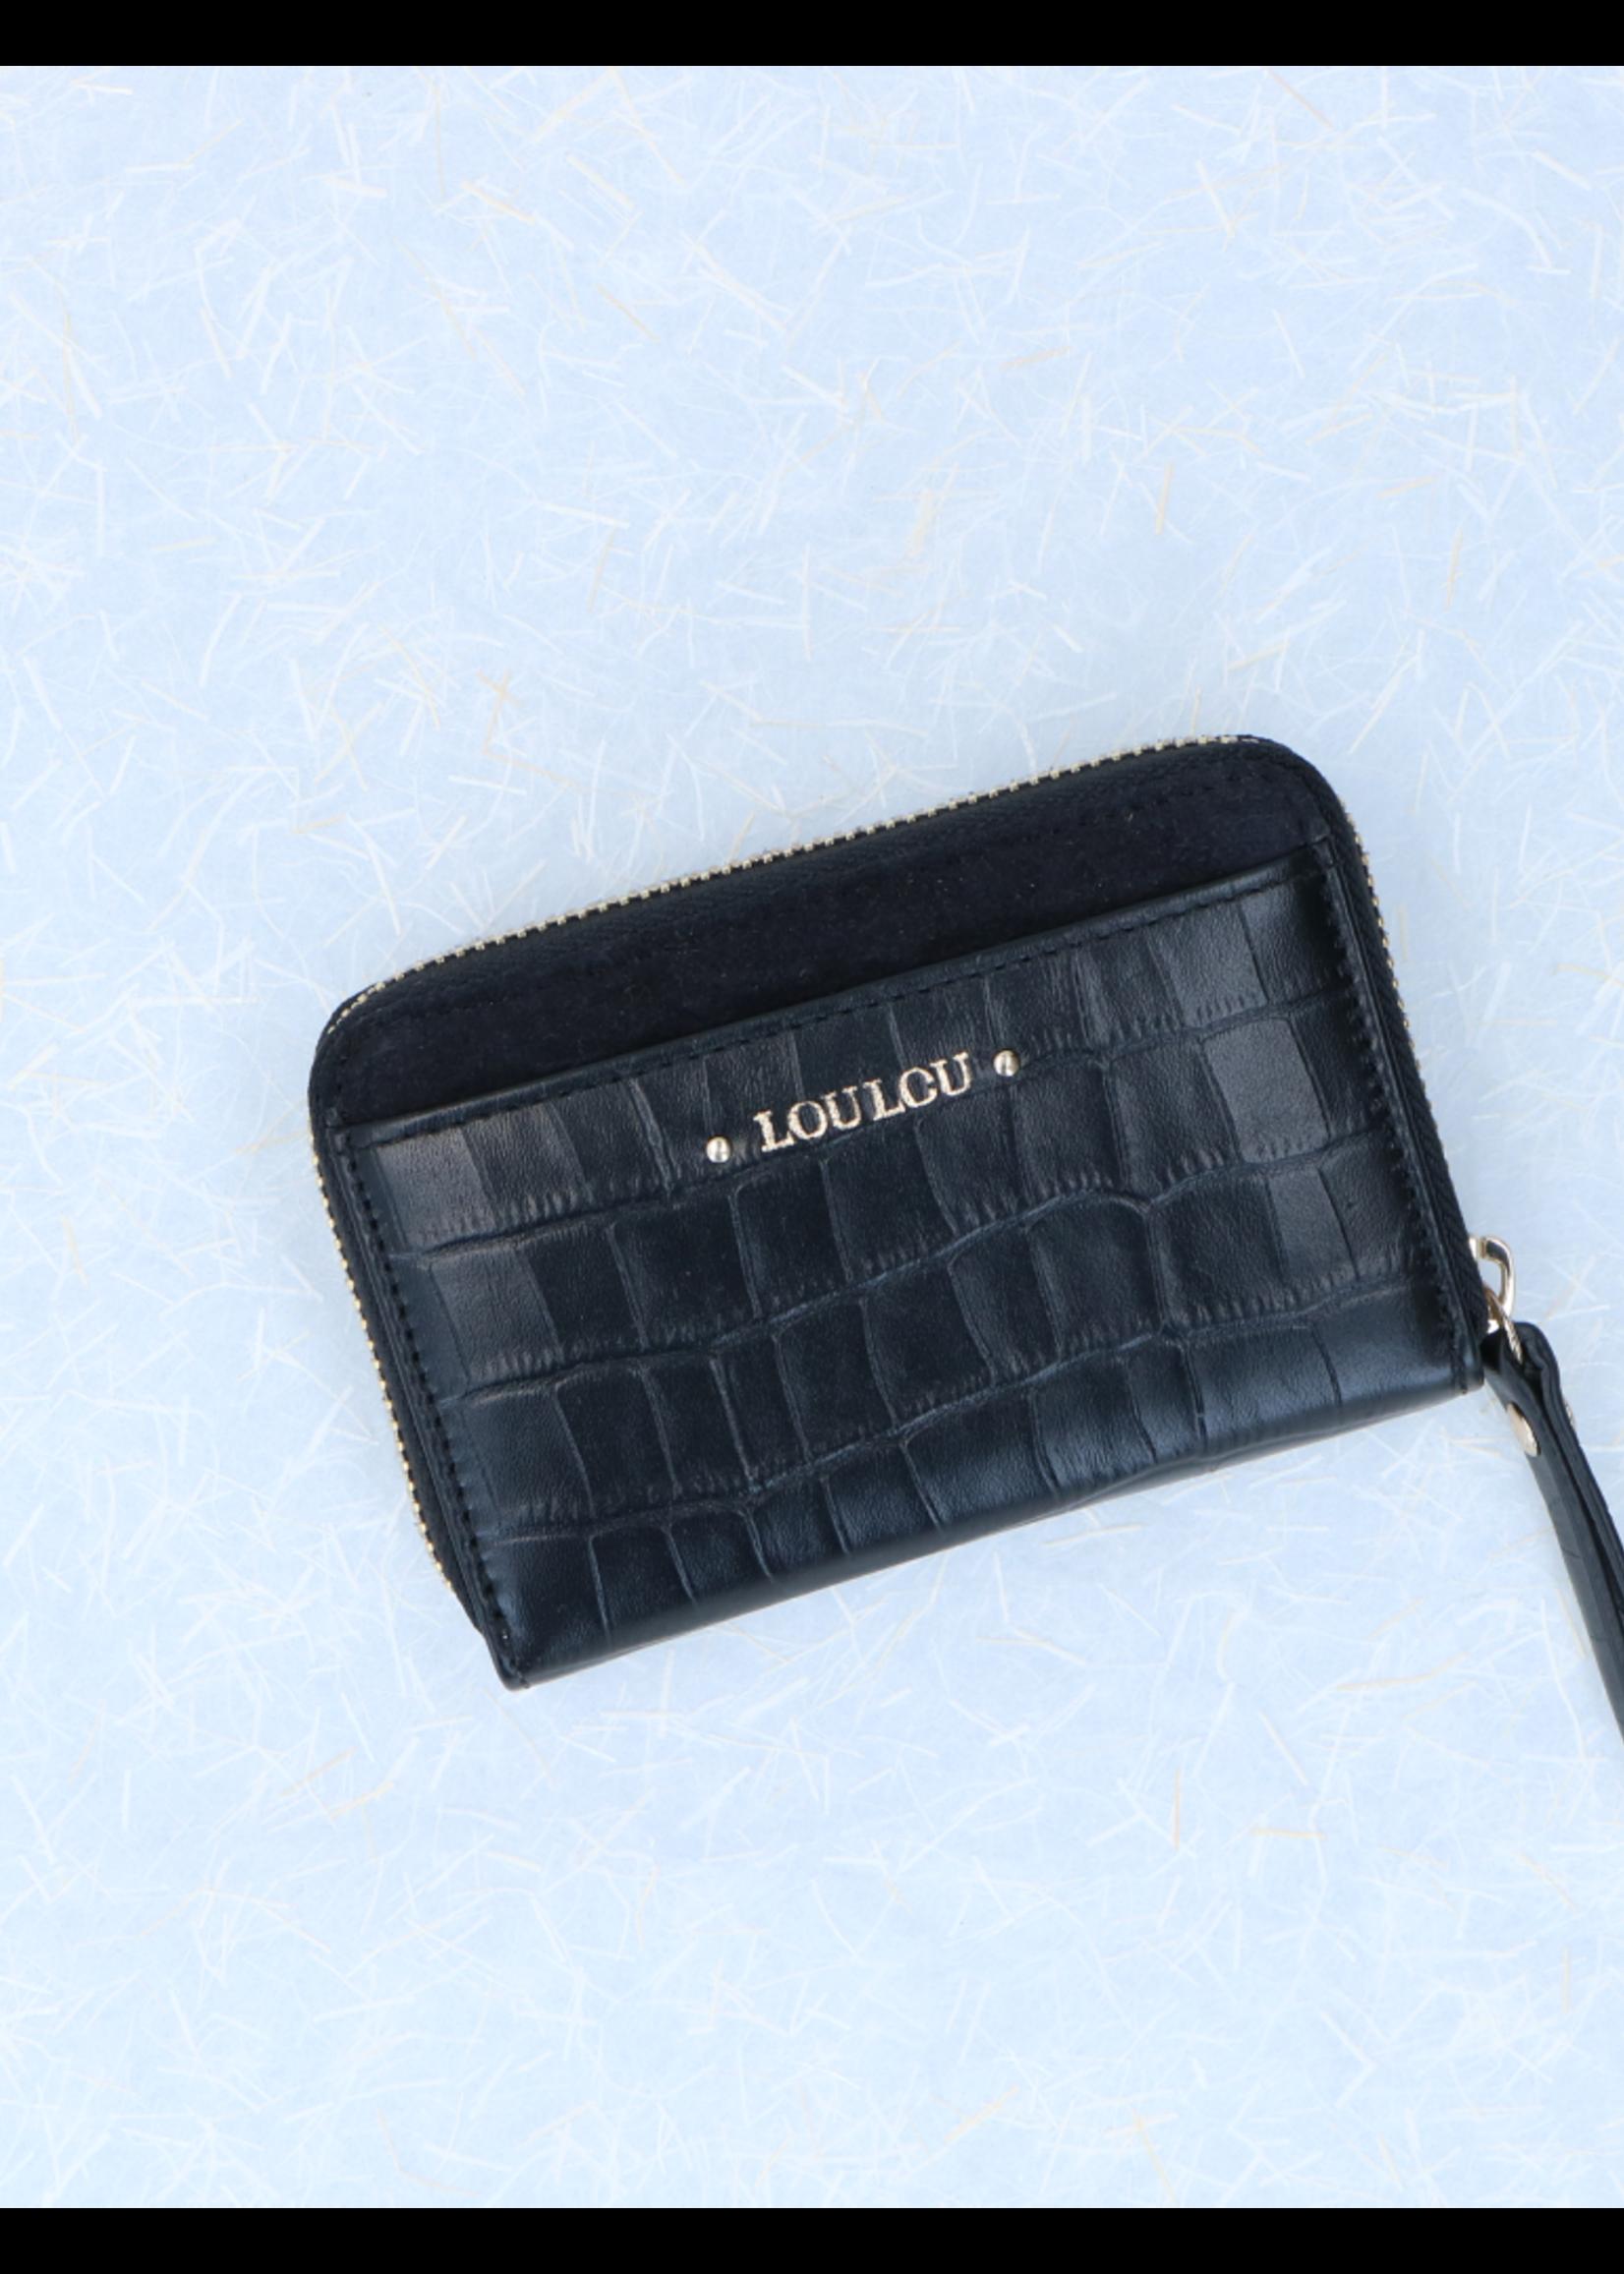 LouLou Kleine RFID Portemonnee Classy Croc - Zwart